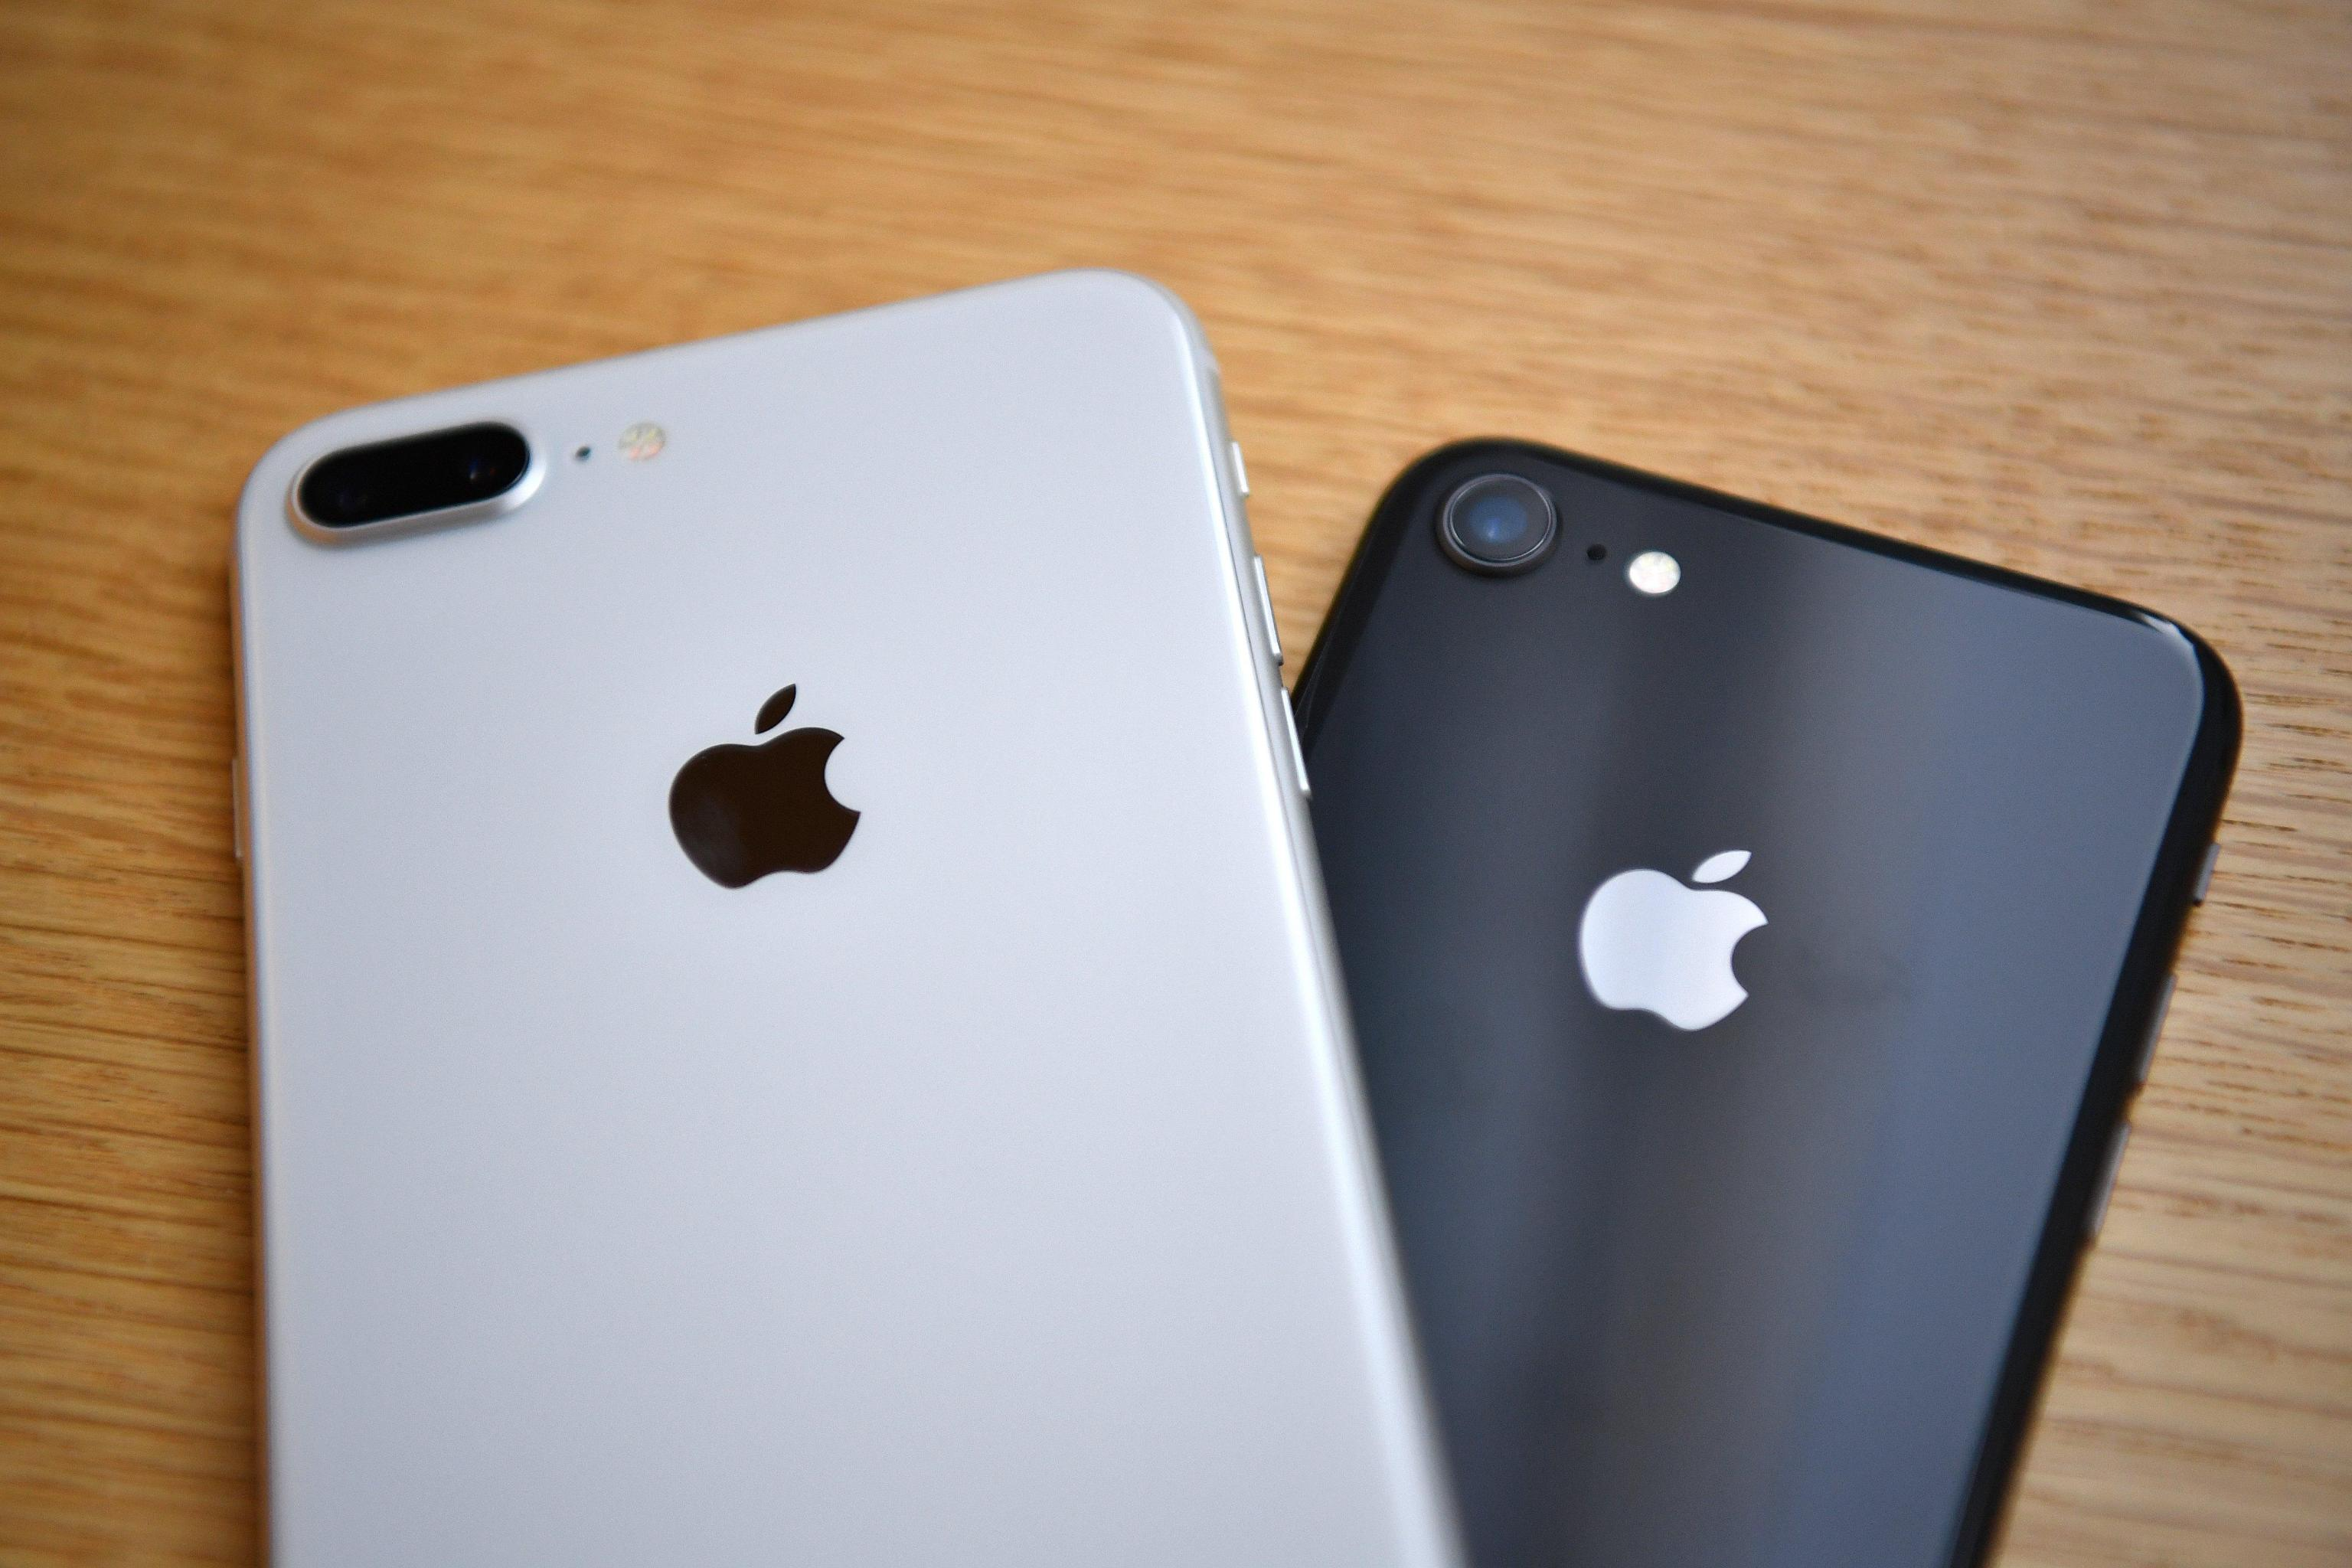 Batteria dei nuovi iPhone durerà di più